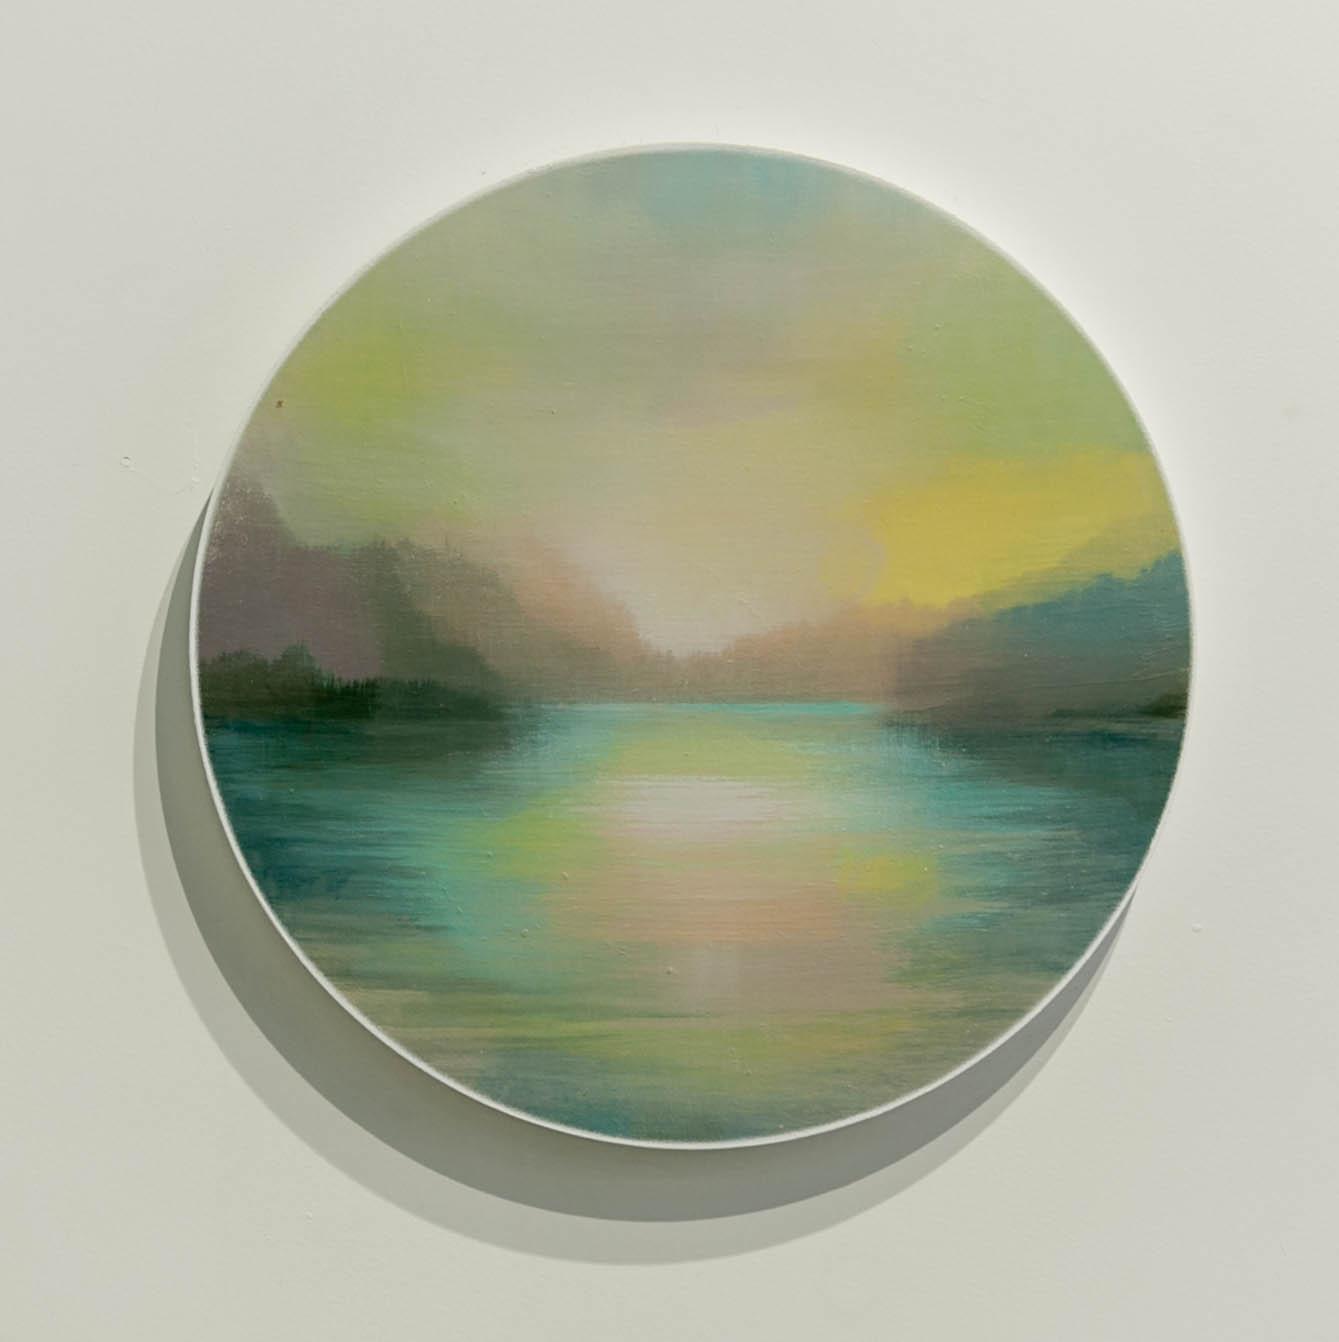 35. $495, Greer Clayton, Lakeside Dreaming II